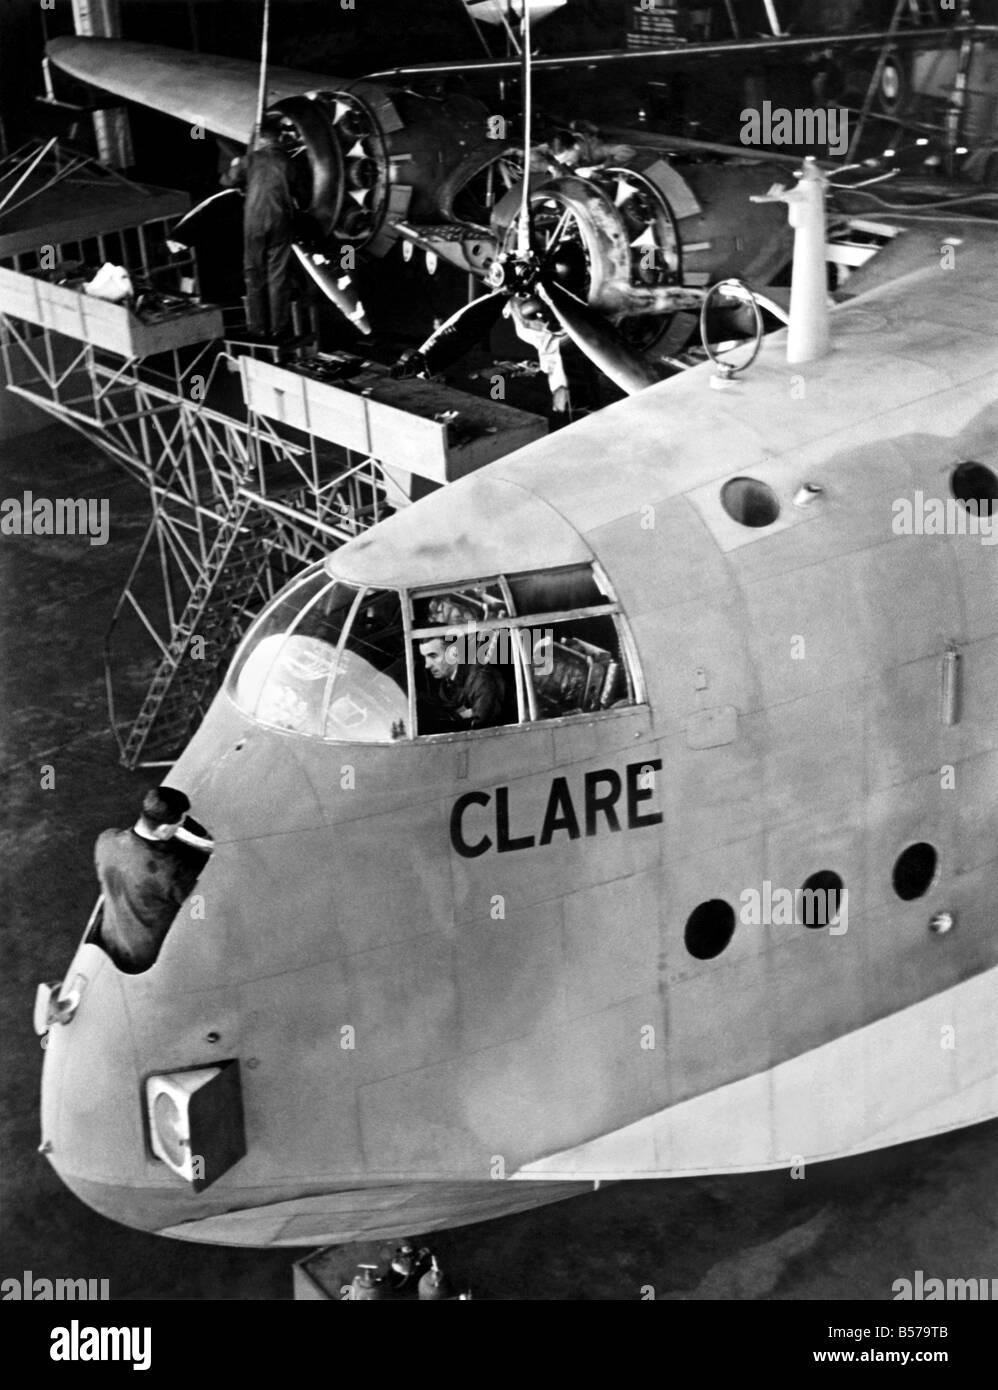 Das transatlantische Flugboot Clare ist nach ihren anstrengenden Reisen, vor der Übermittlung an Empire Neurouten überholt. November 1940 P004813 Stockfoto